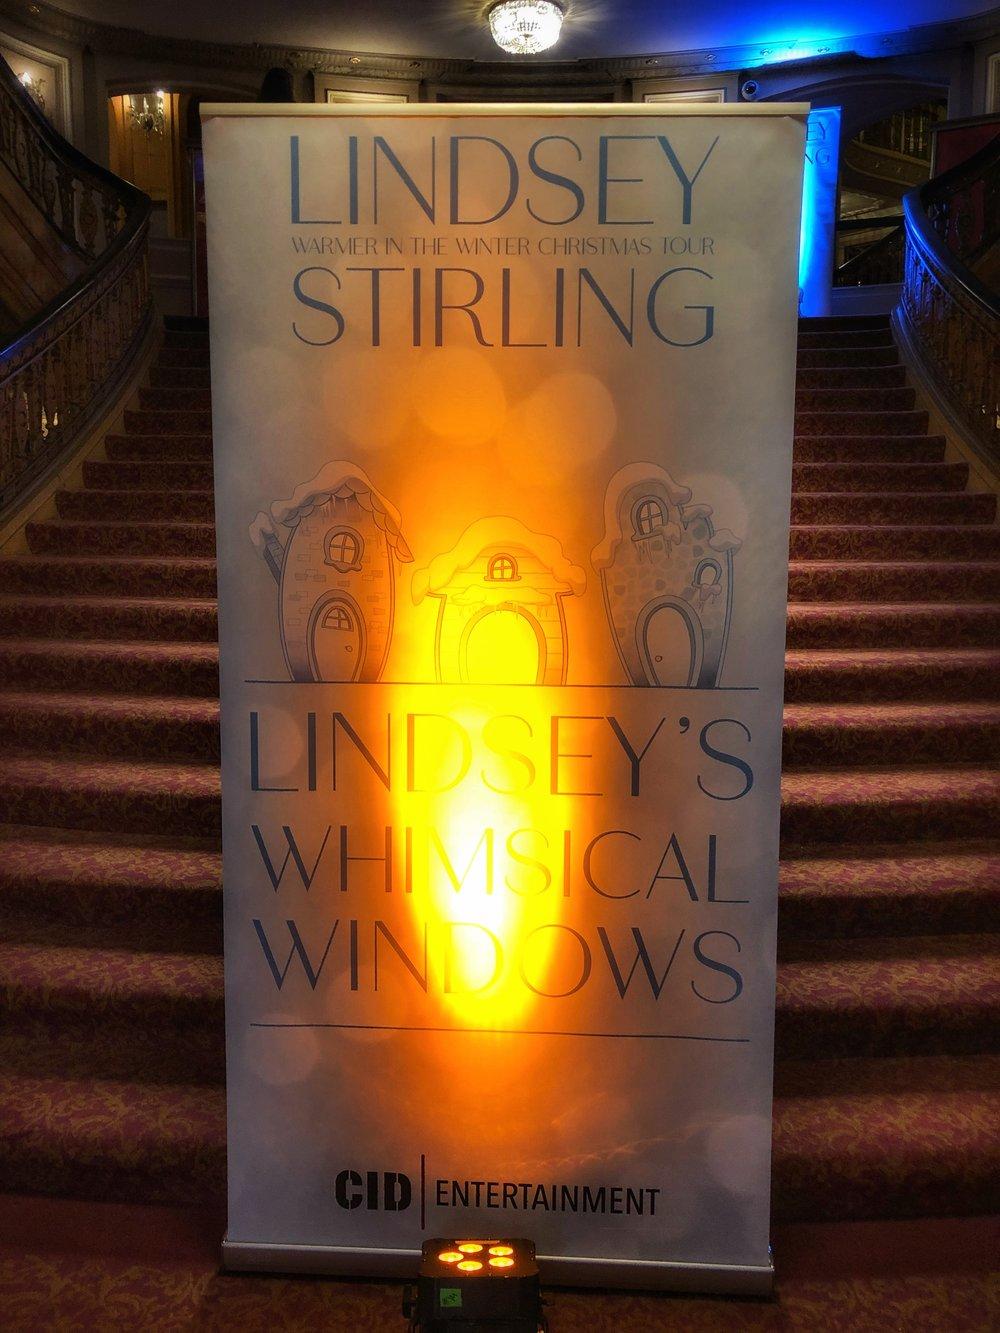 51Lindsey_Stirling_Concert_Chicago.jpg